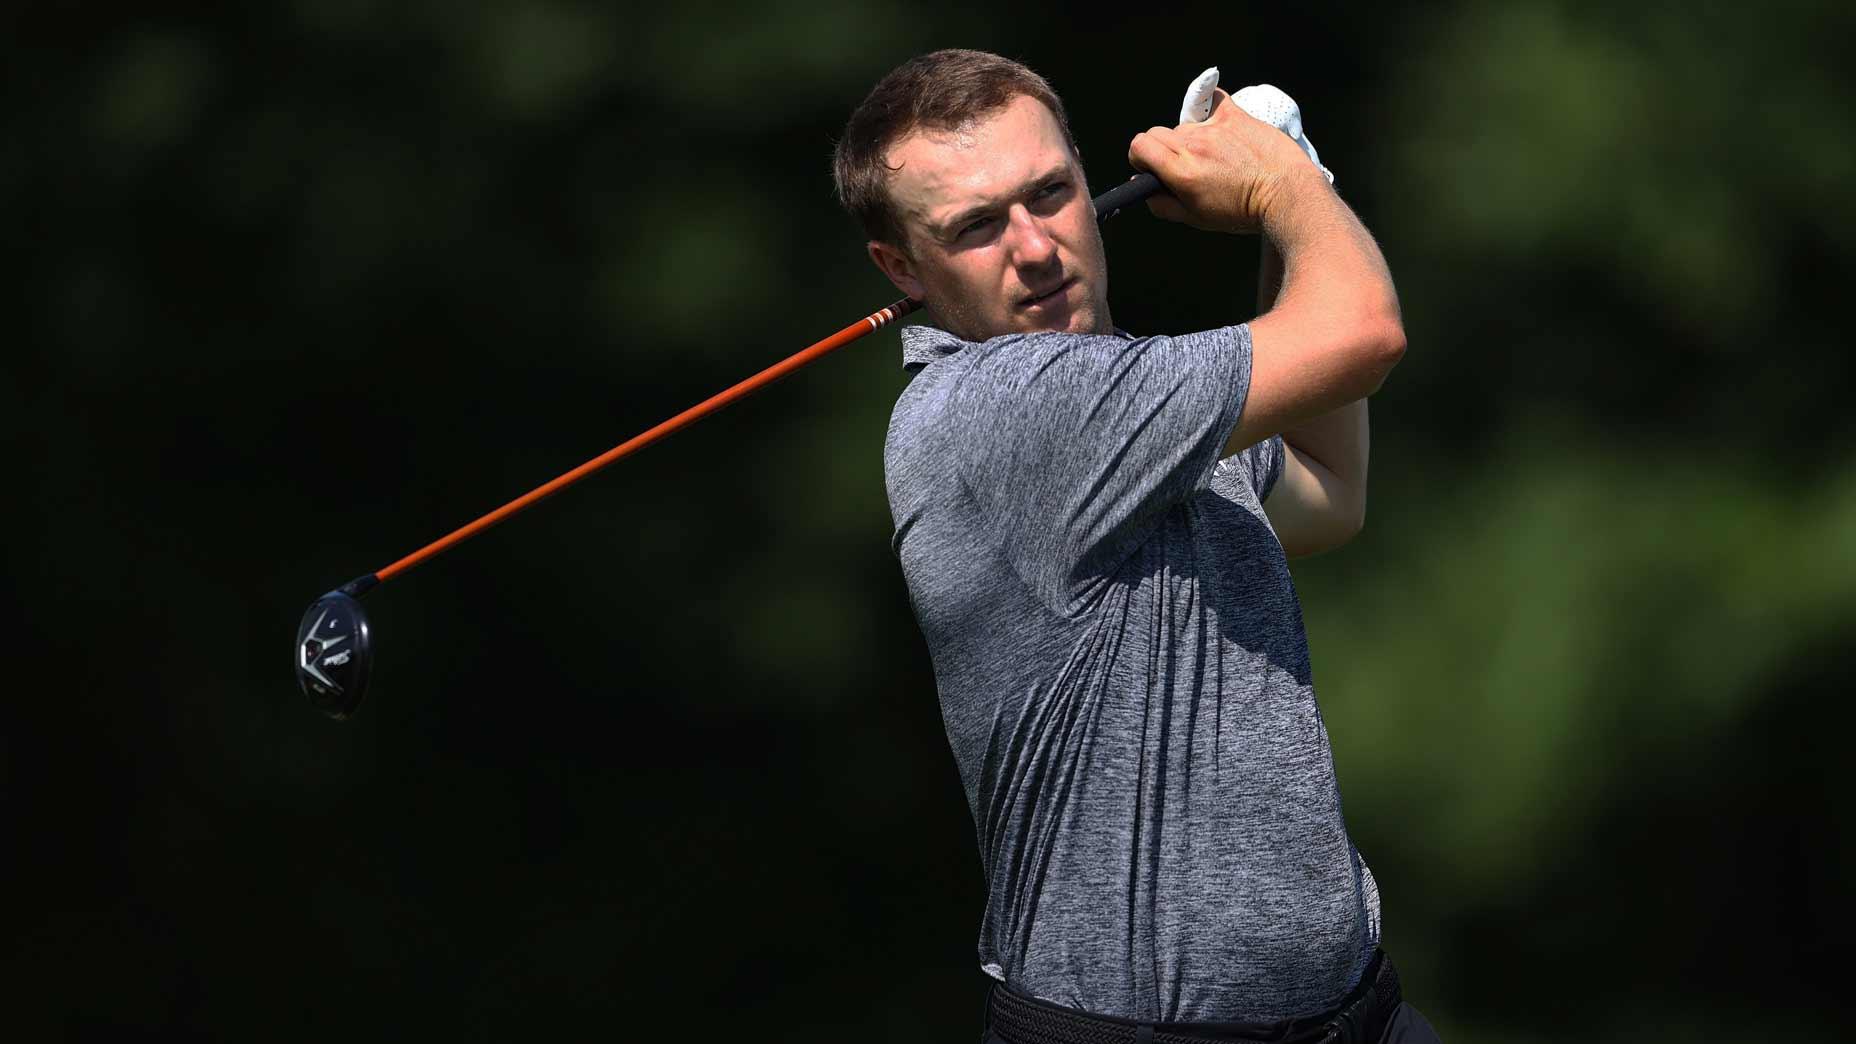 Pro golfer Jordan Spieth